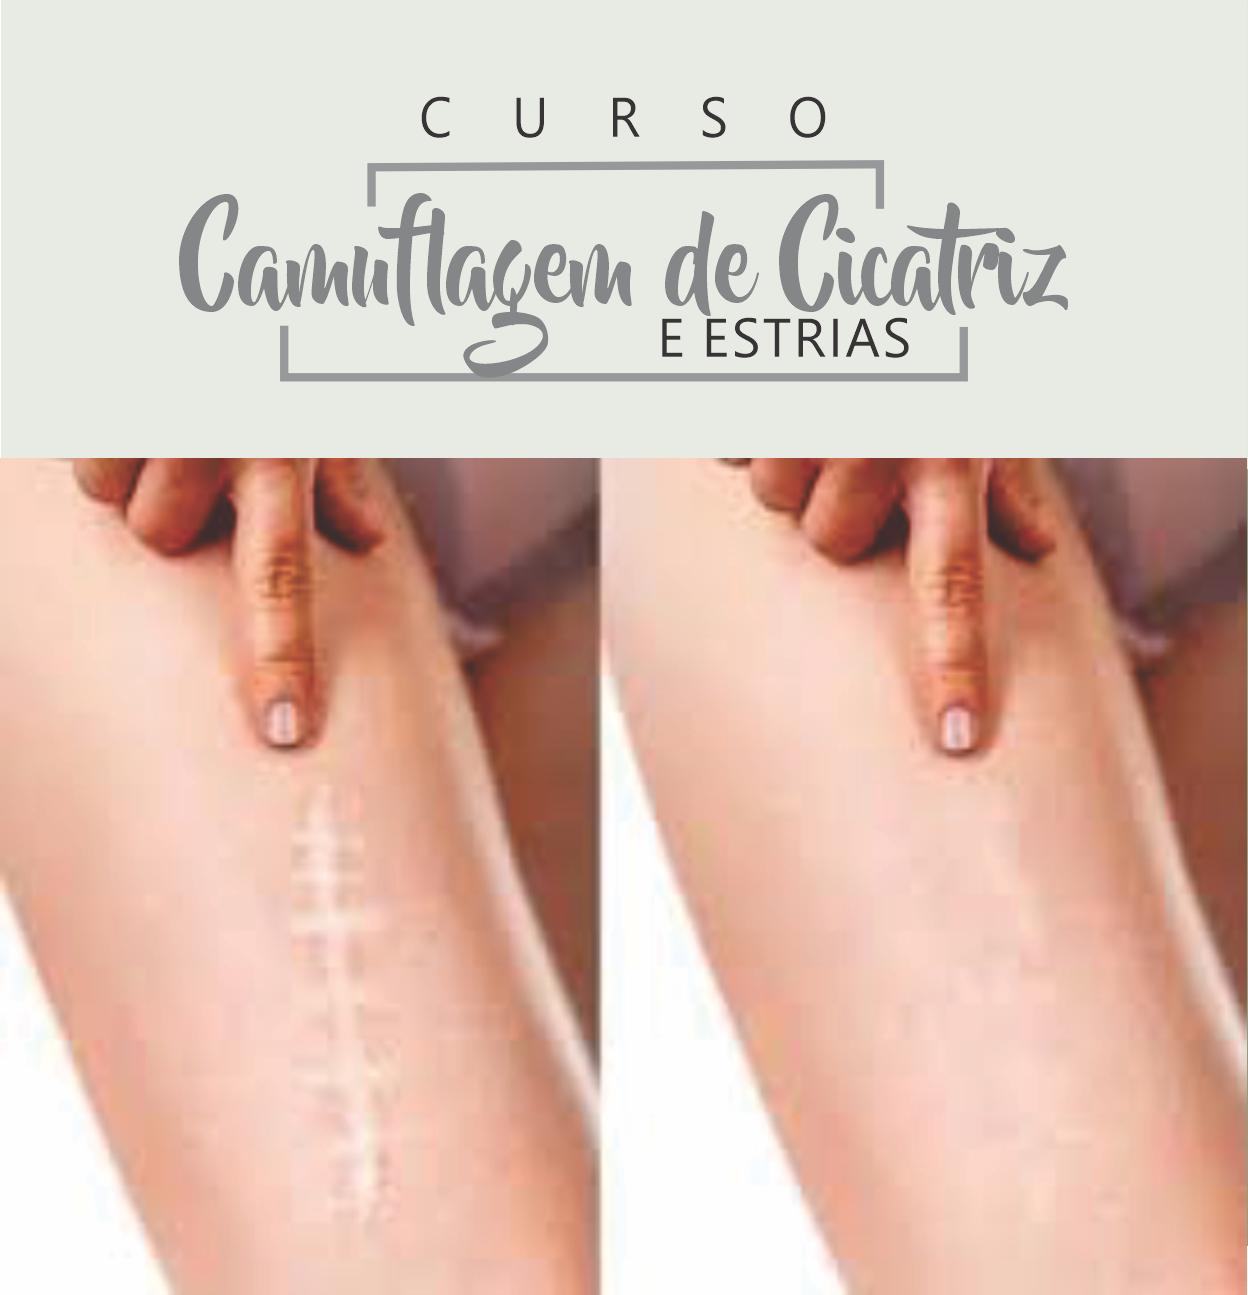 CAMUFLAGEM DE ESTRIAS E CICATRIZES